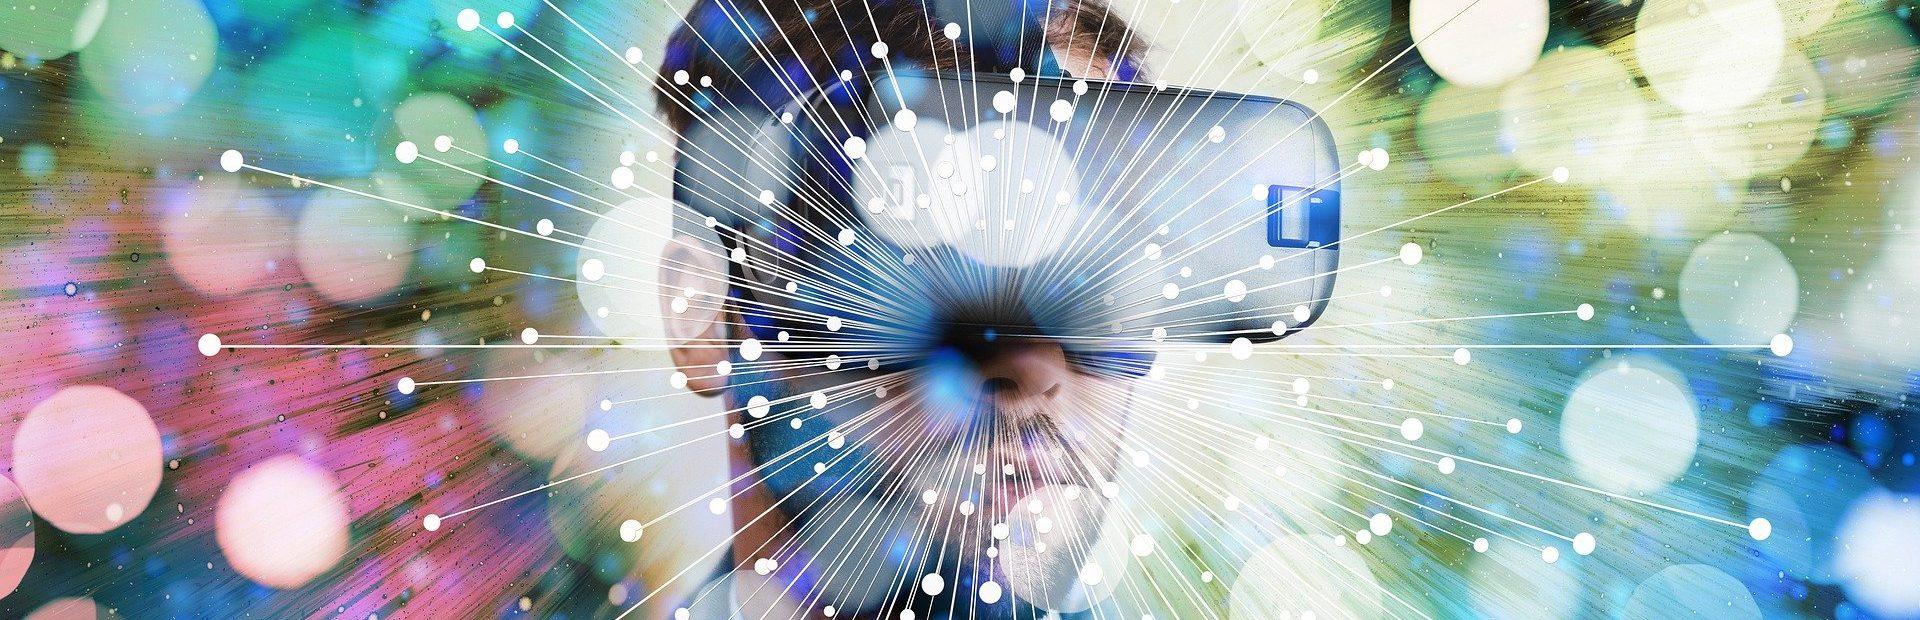 """Erfolgreiche Digitalisierung für KMU"""" bietet einen exklusiven Einblick in innovative, digitale Technologien aus der Praxis"""